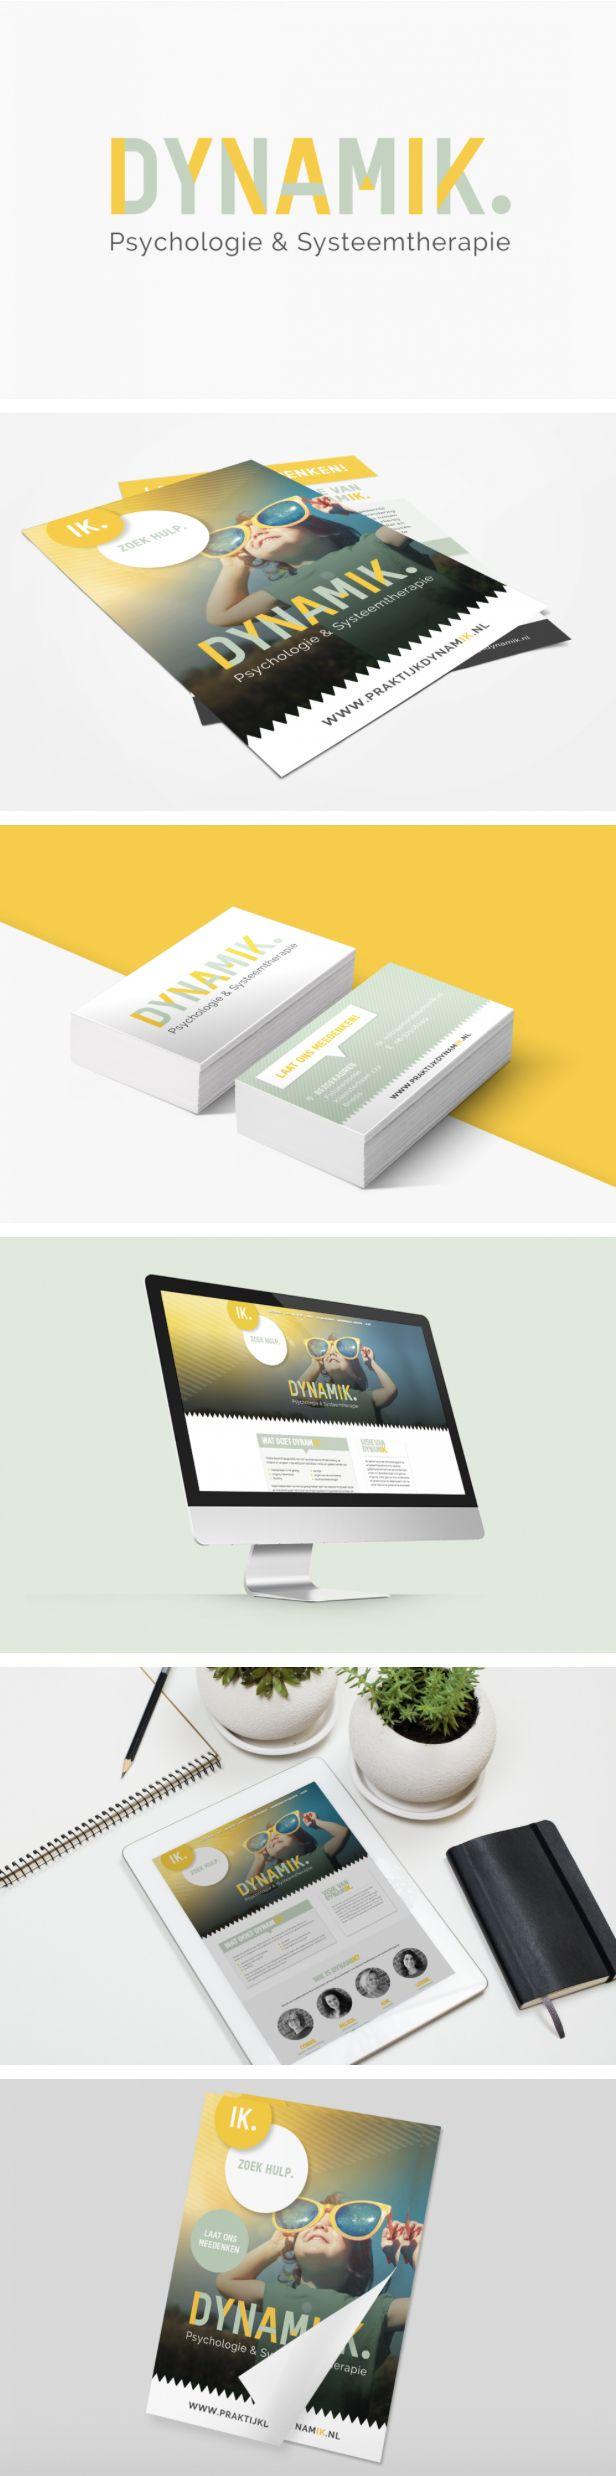 Huisstijl en energiek logo met geel en lichtgroen - door Juli Ontwerpburo